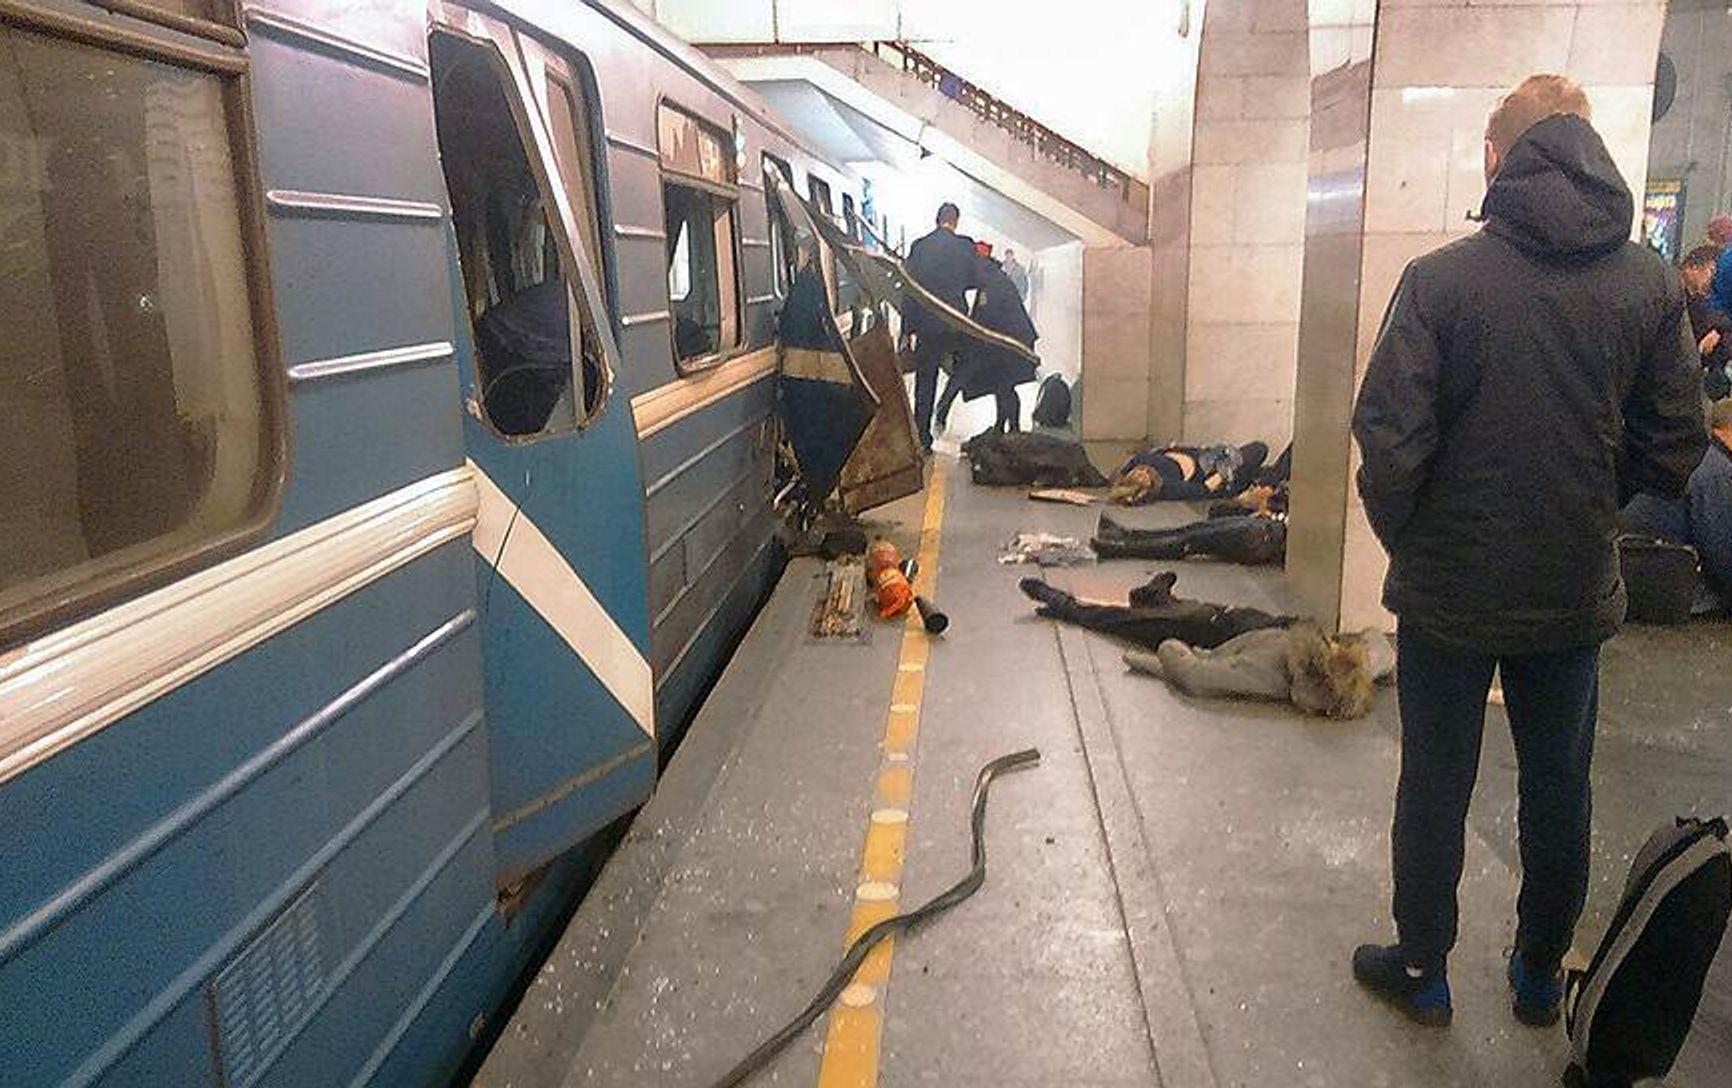 Последствия взрыва в метро в Санкт-Петербурге в 2017 году